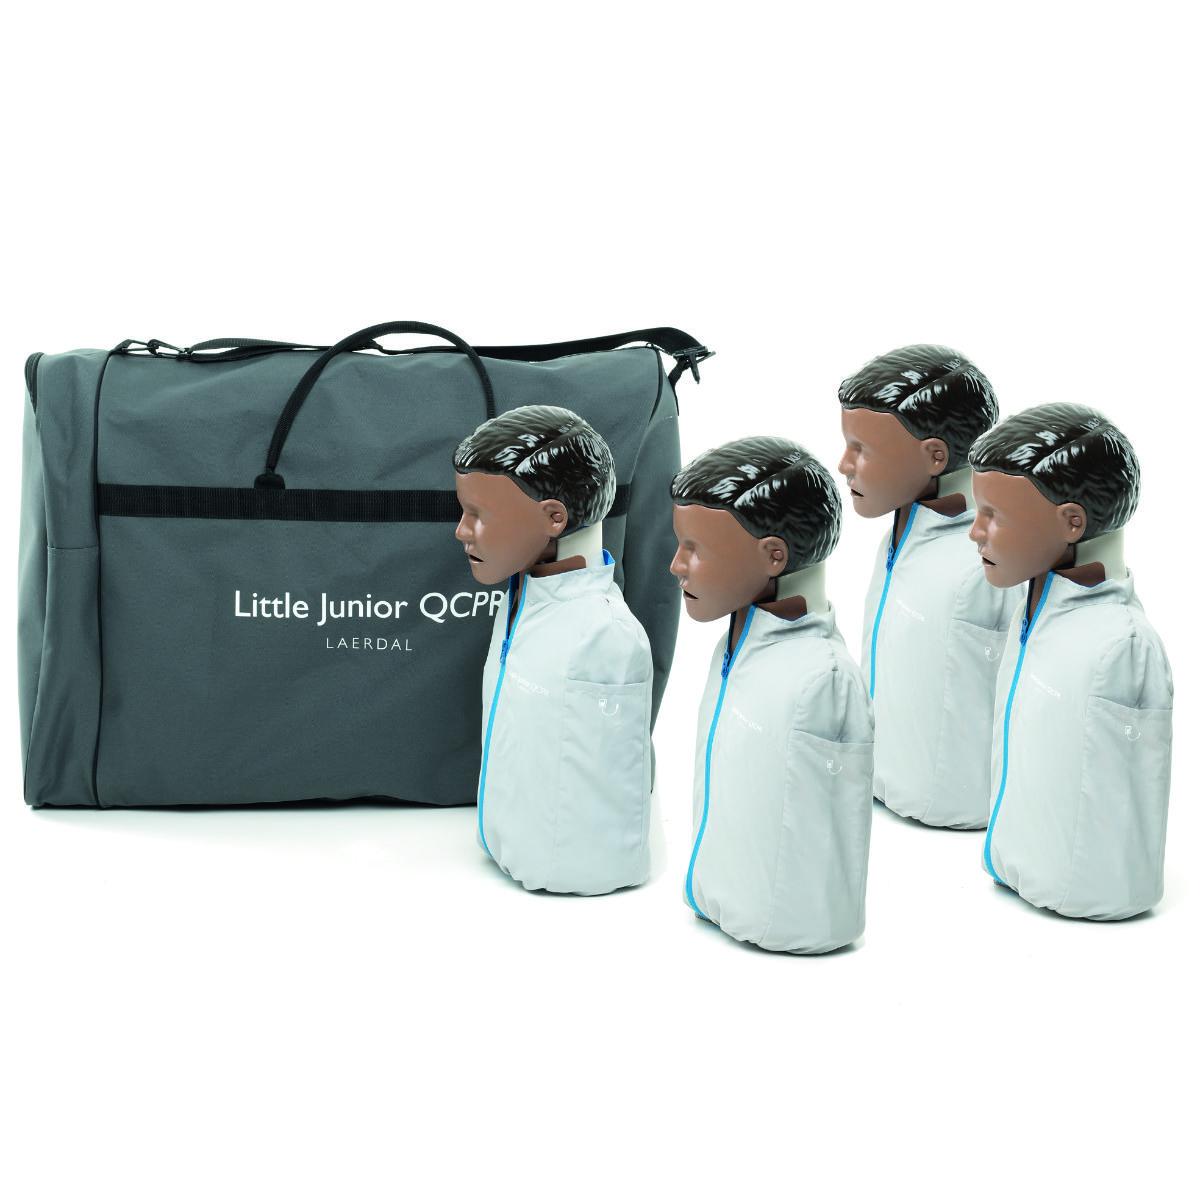 Little Junior QCPR, mörk hud 4-pack